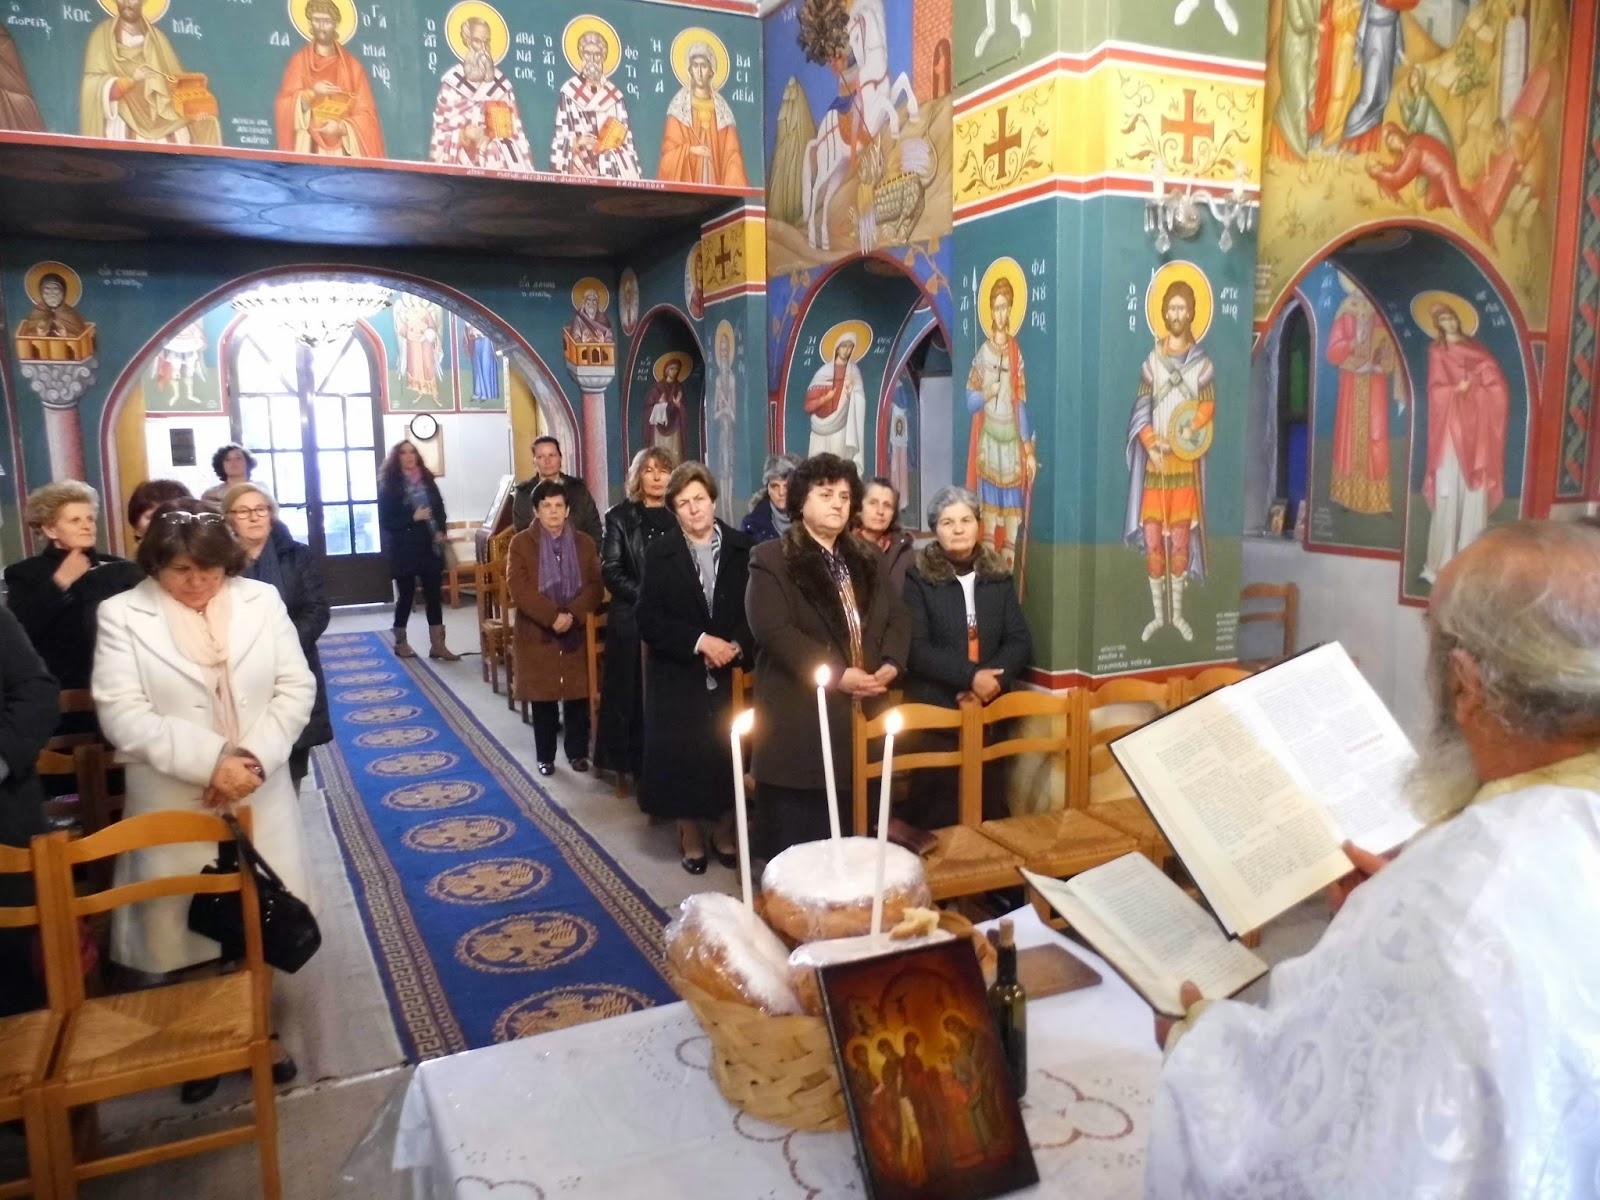 Εκδήλωση για την Χριστιανική Γιορτή της Μητέρας από τον Πολιτιστικό Σύλλογο Μενιδίου (φωτο-video)